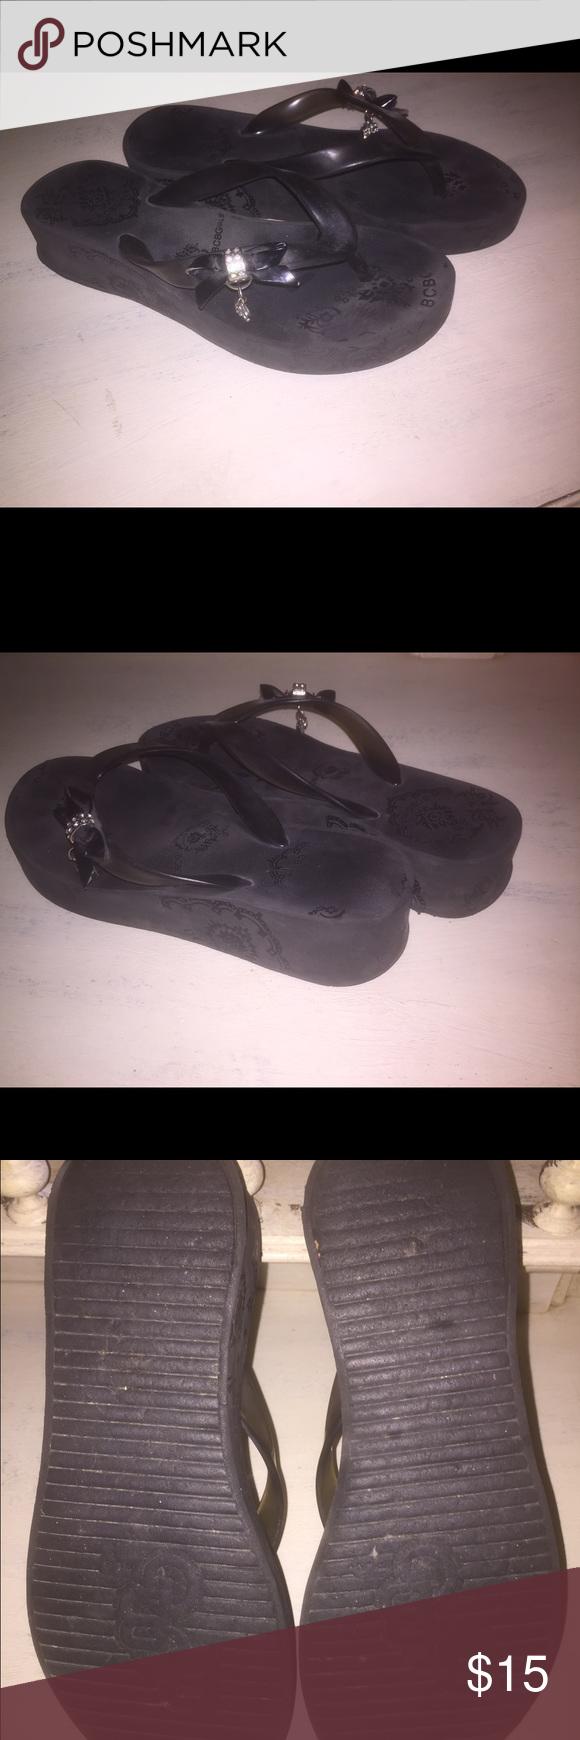 Black sandals size 7 - Black Women S Bcbgirl Sandals Size 7 These Comfortable Black Sandals Are Size 7 Bcbgirls Shoes Sandals